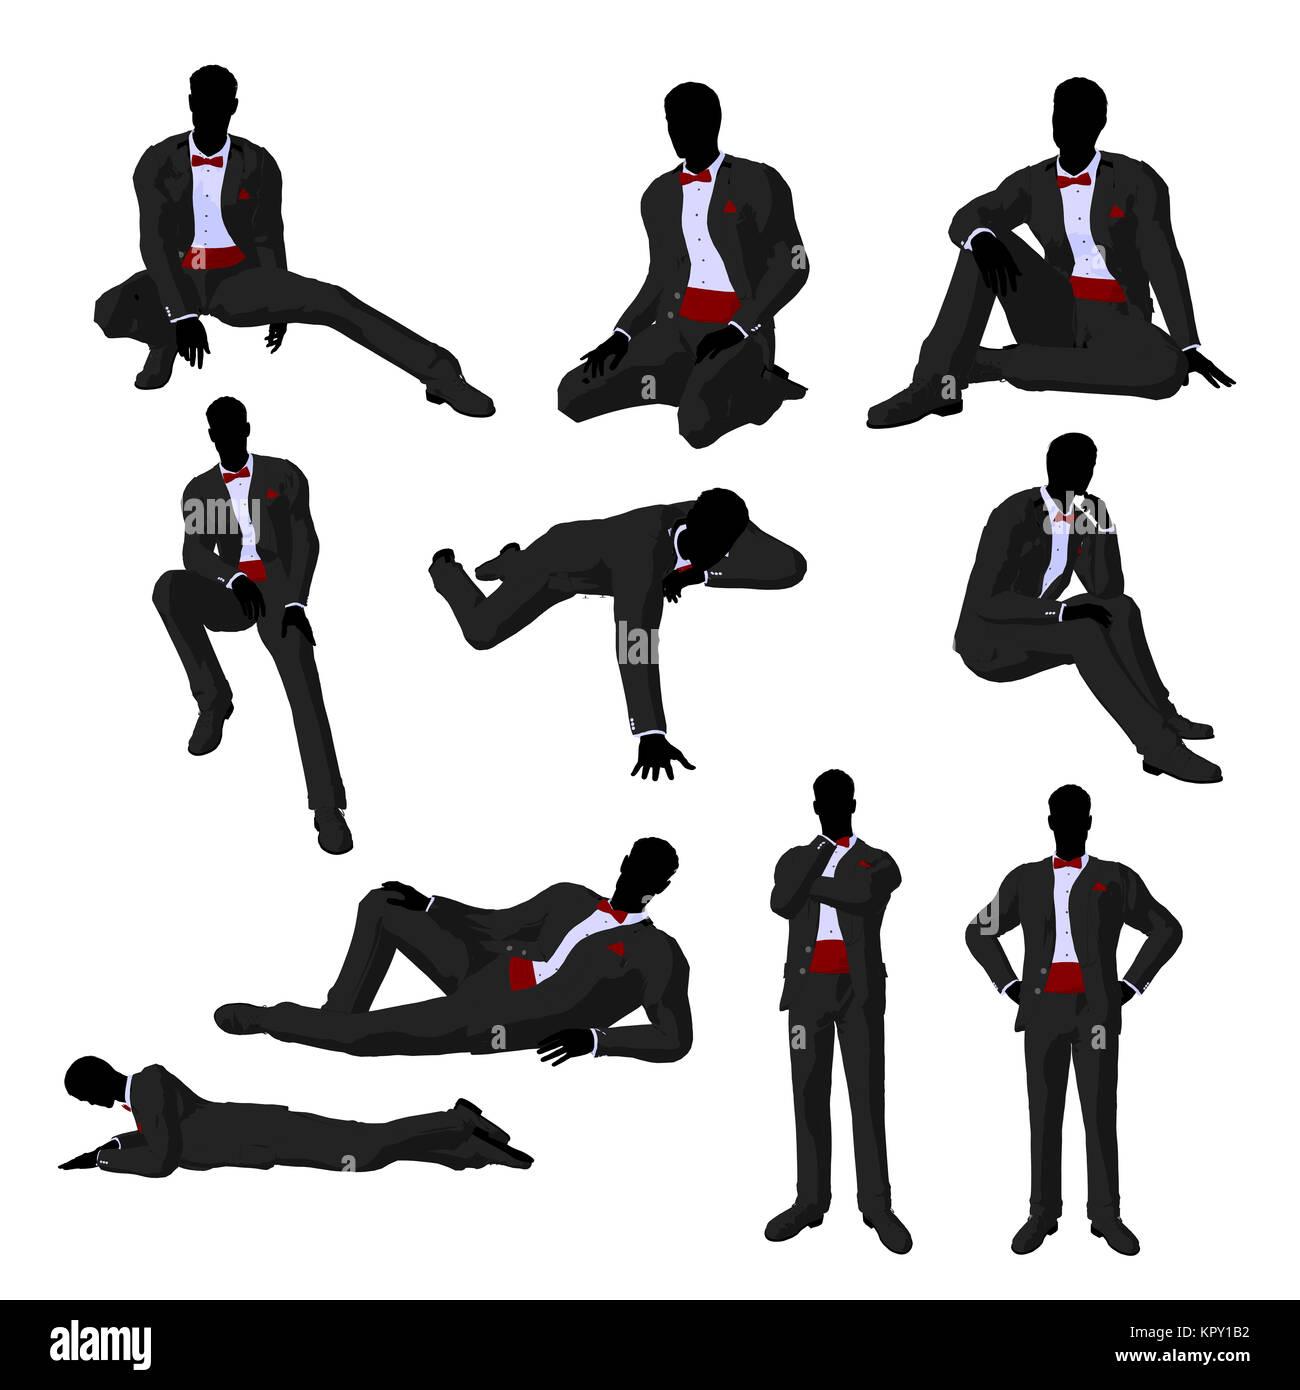 James Bond Silhouette Stock Photos & James Bond Silhouette